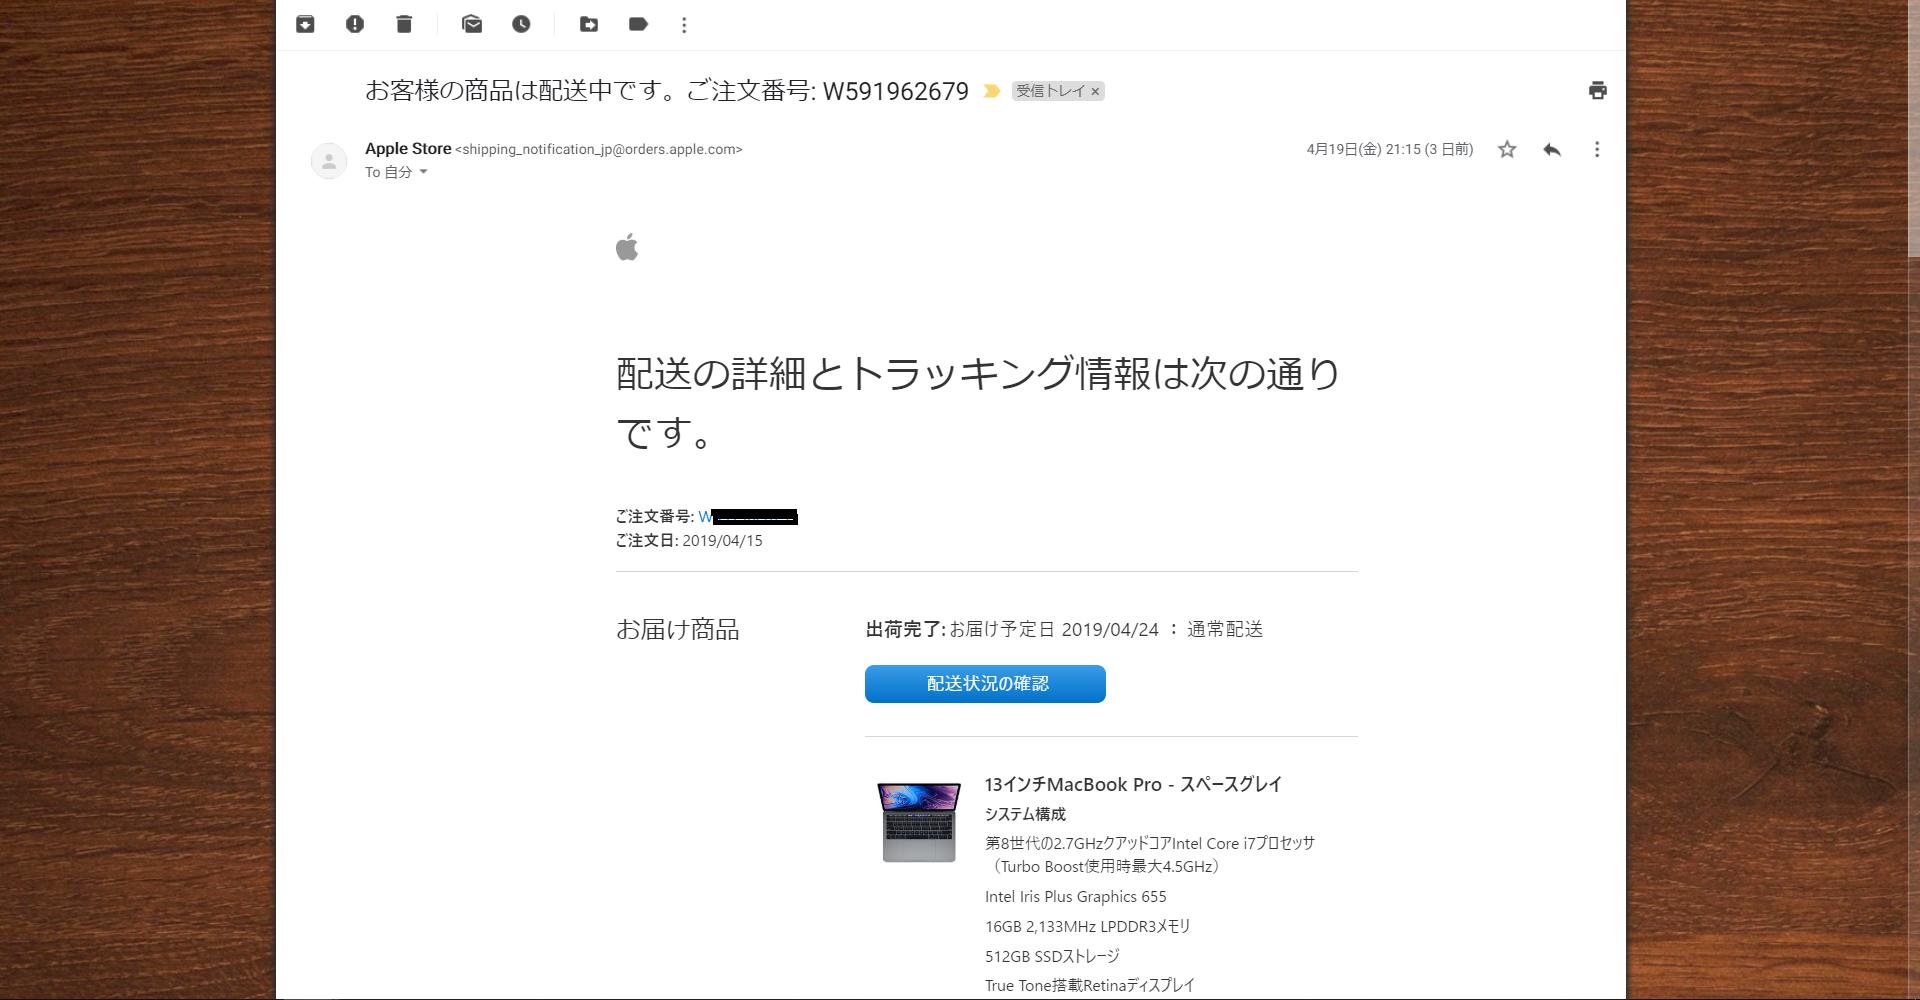 macbook pro 発送